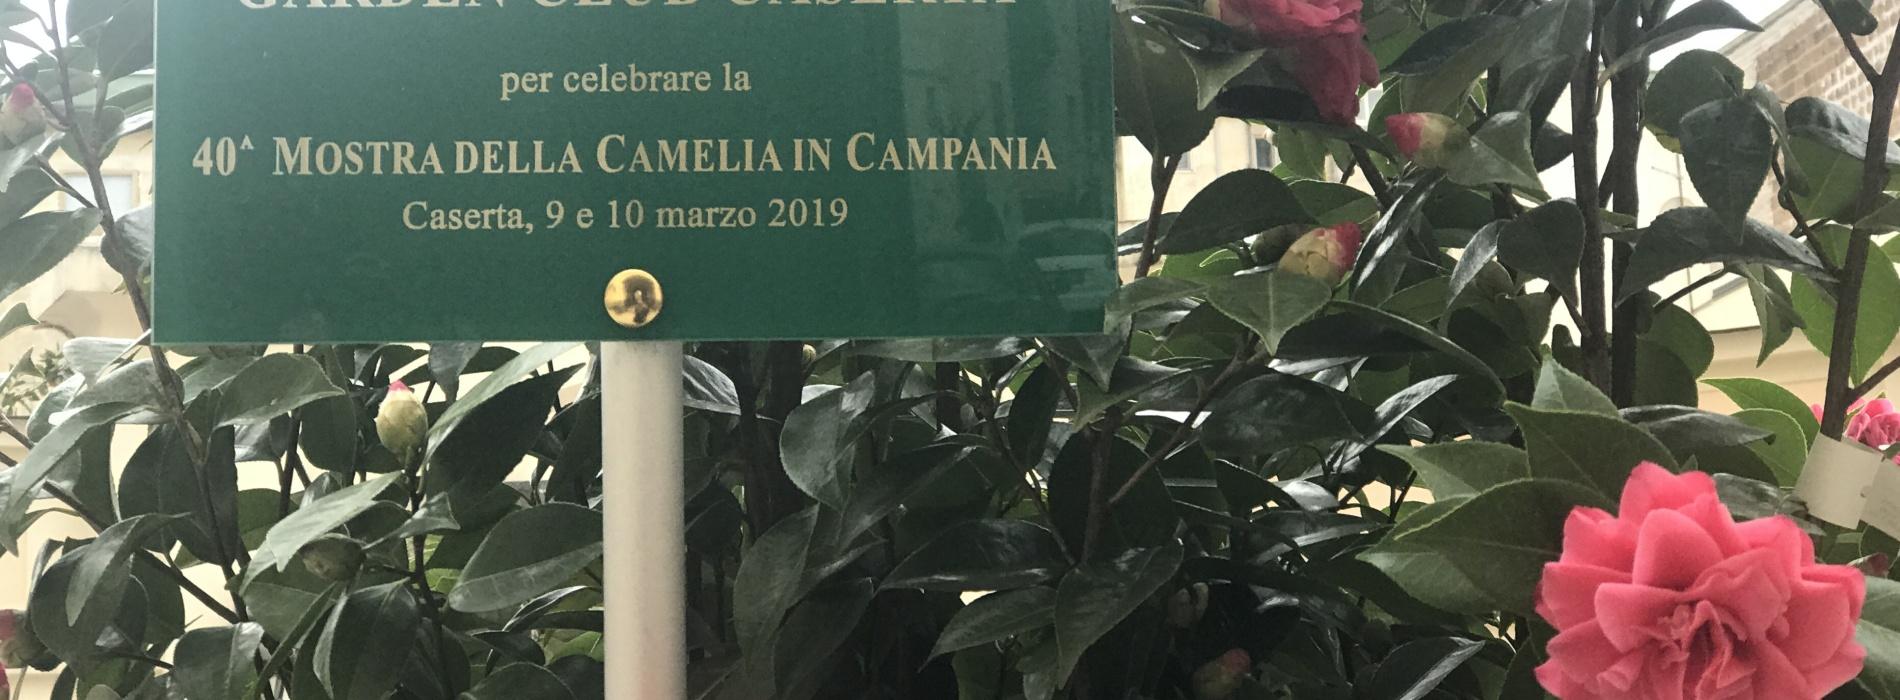 Camelie. La bellissima di Caserta. A Palazzo Paternò la mostra